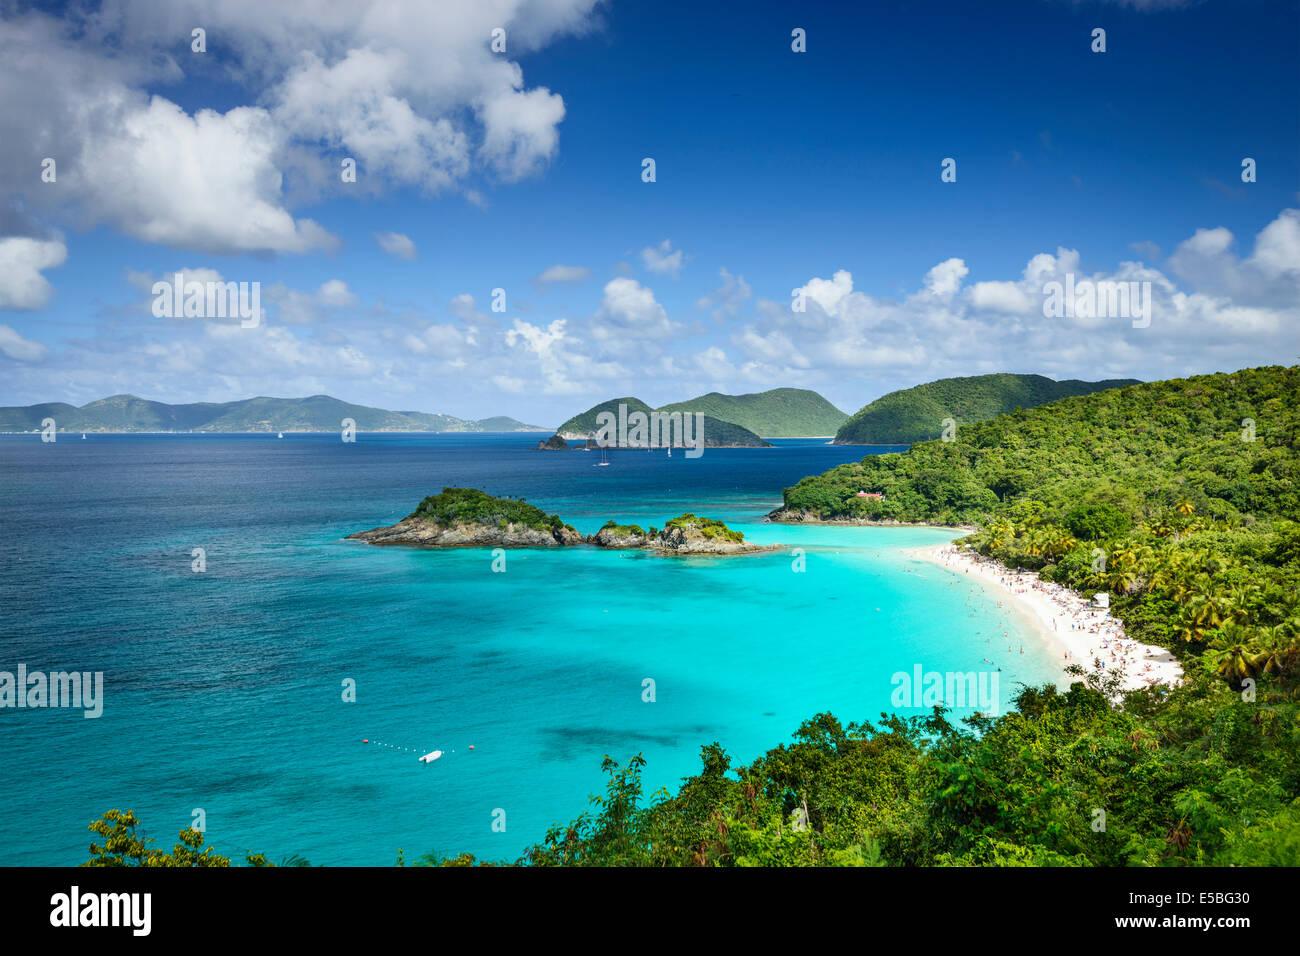 San Juan, Islas Vírgenes de EE.UU. en la Bahía Trunk. Foto de stock